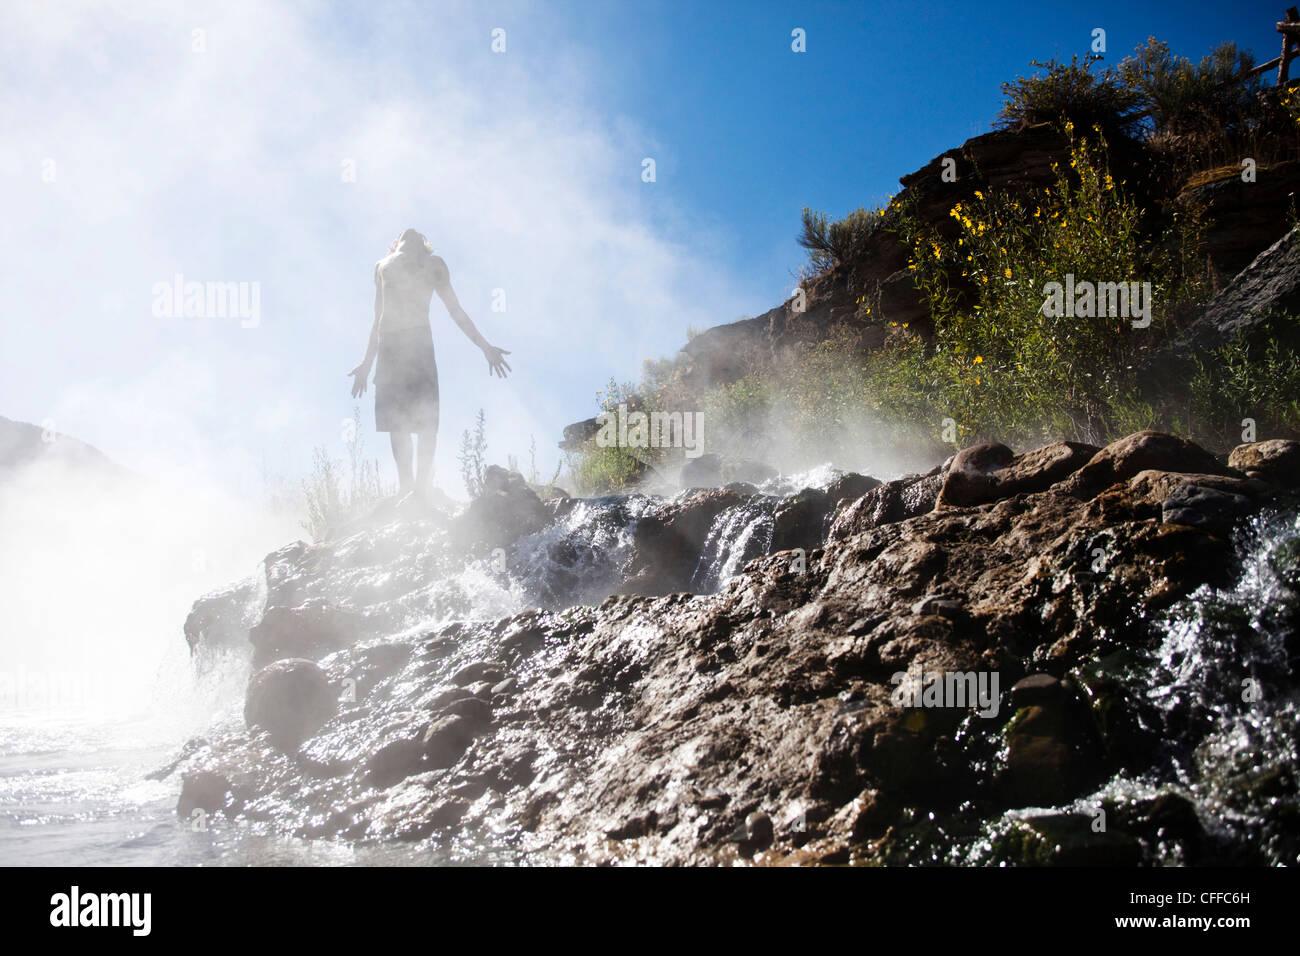 ein junger Mann stehend in einer Bank von Dampf in einem Hotspring in Montana. Stockbild